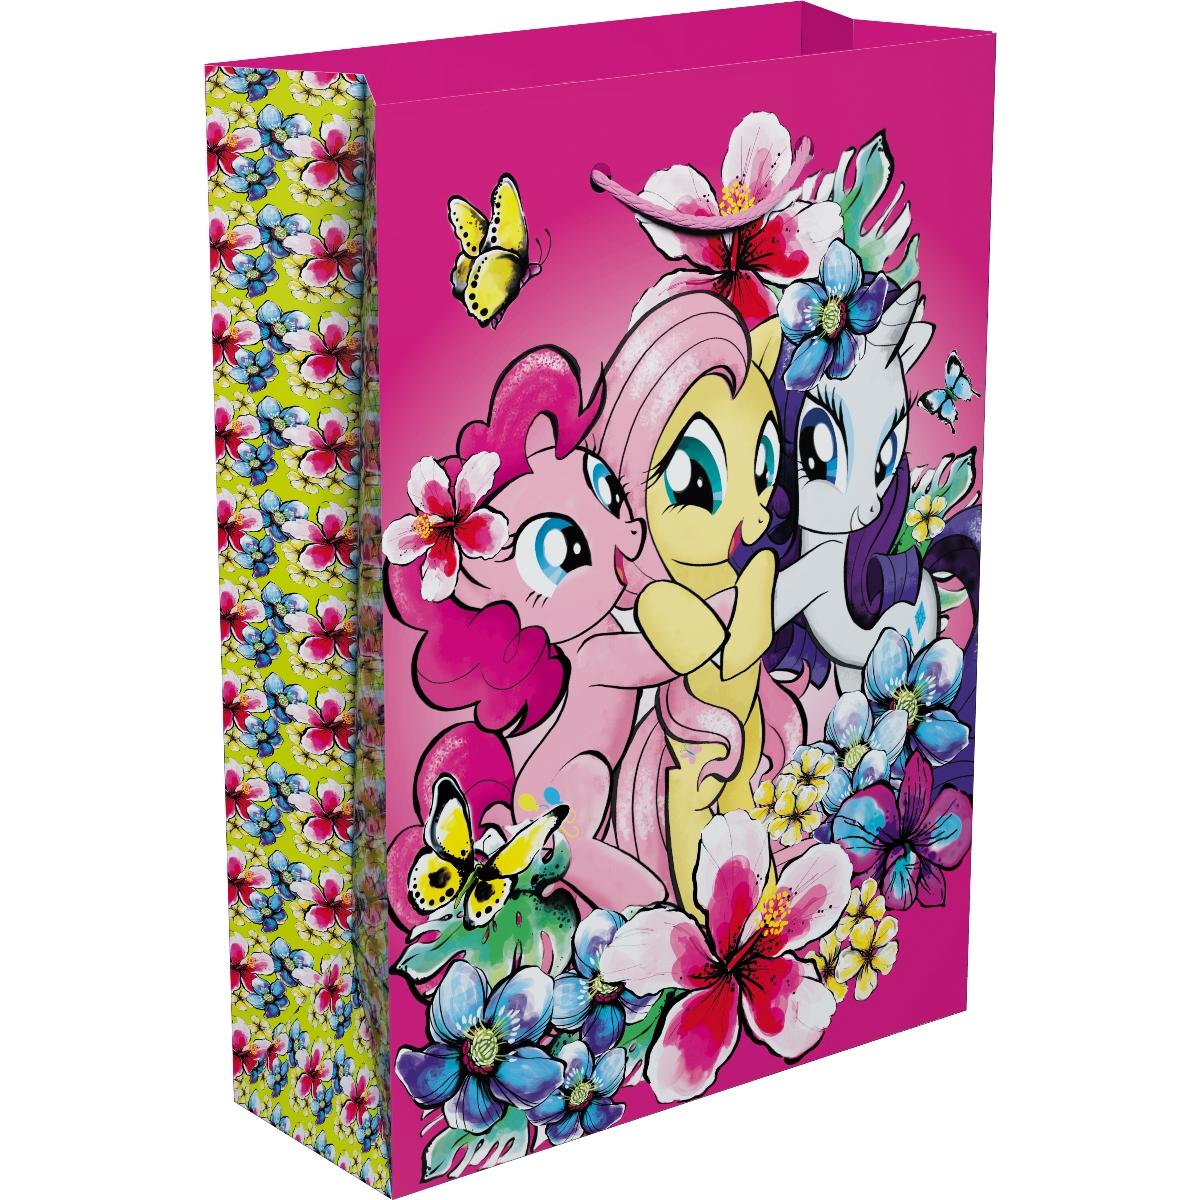 Мой маленький пони Пакет подарочный 35 х 25 х 9 см умка музыкальная книга бал мечты мой маленький пони